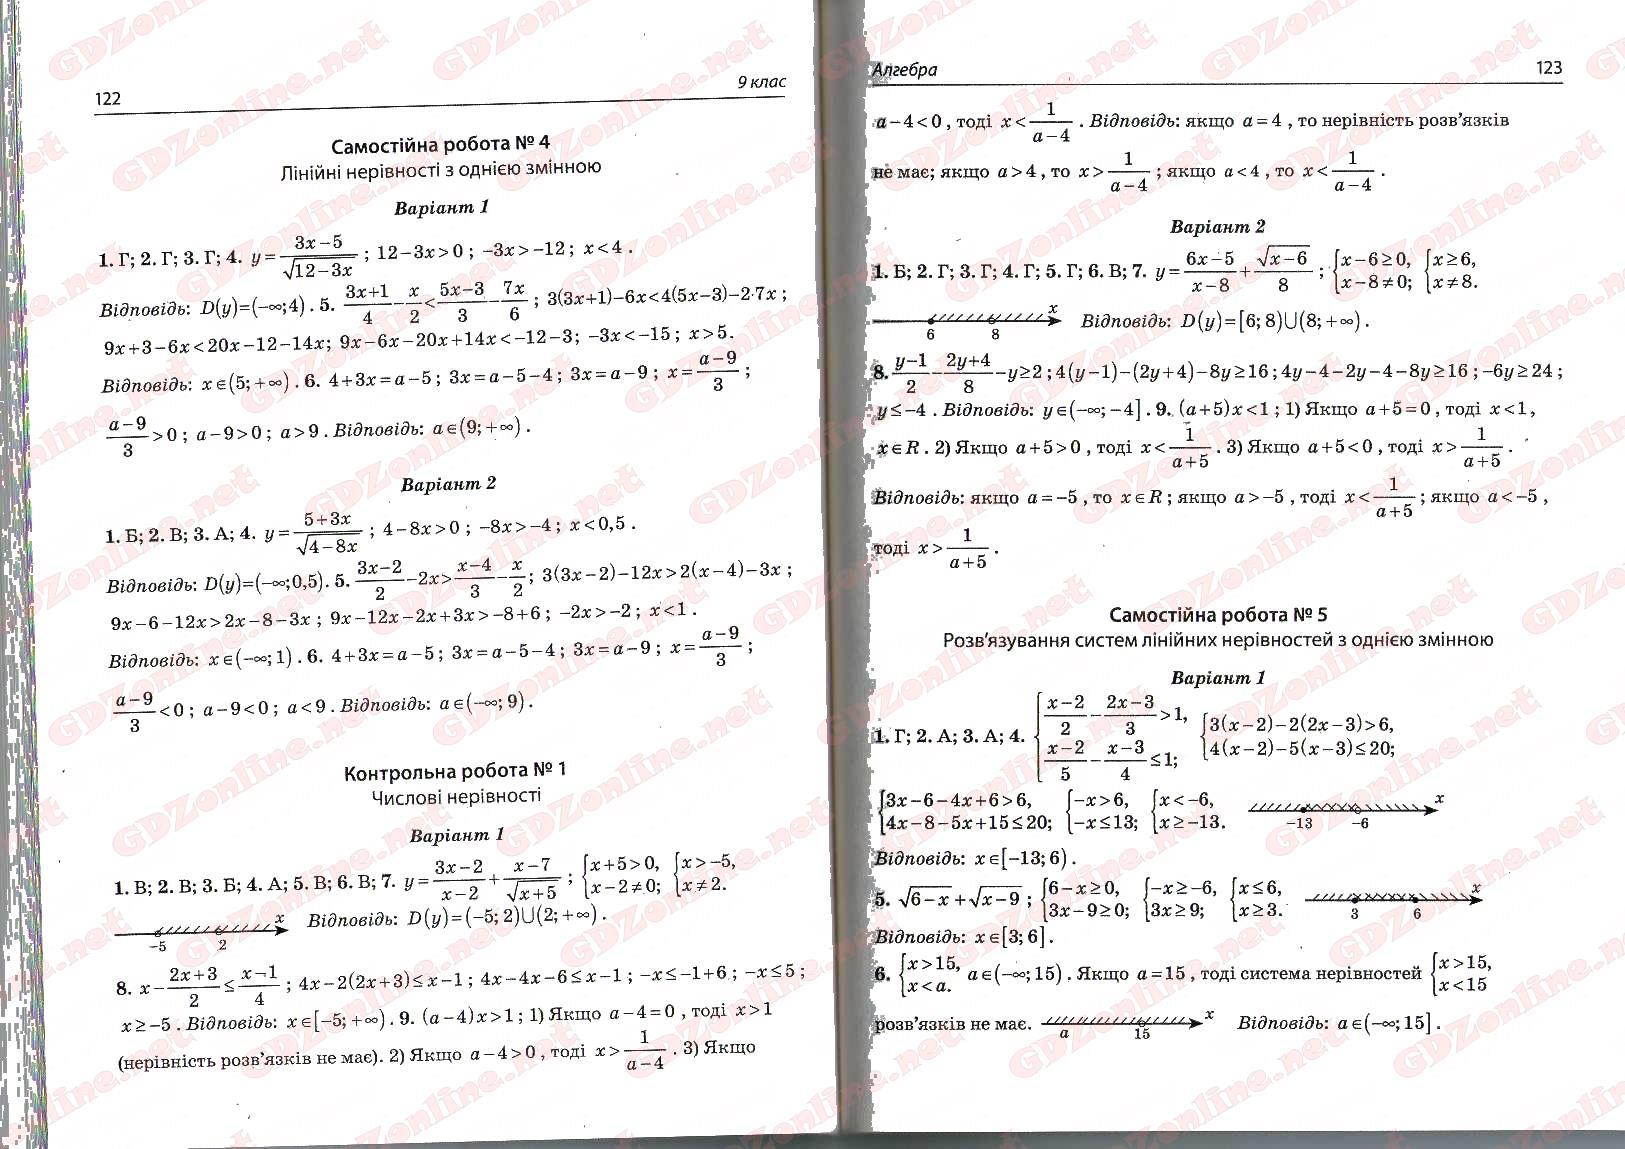 Ответы на контрольный-тест по алгебра геометрия э.п нелина 7 класс